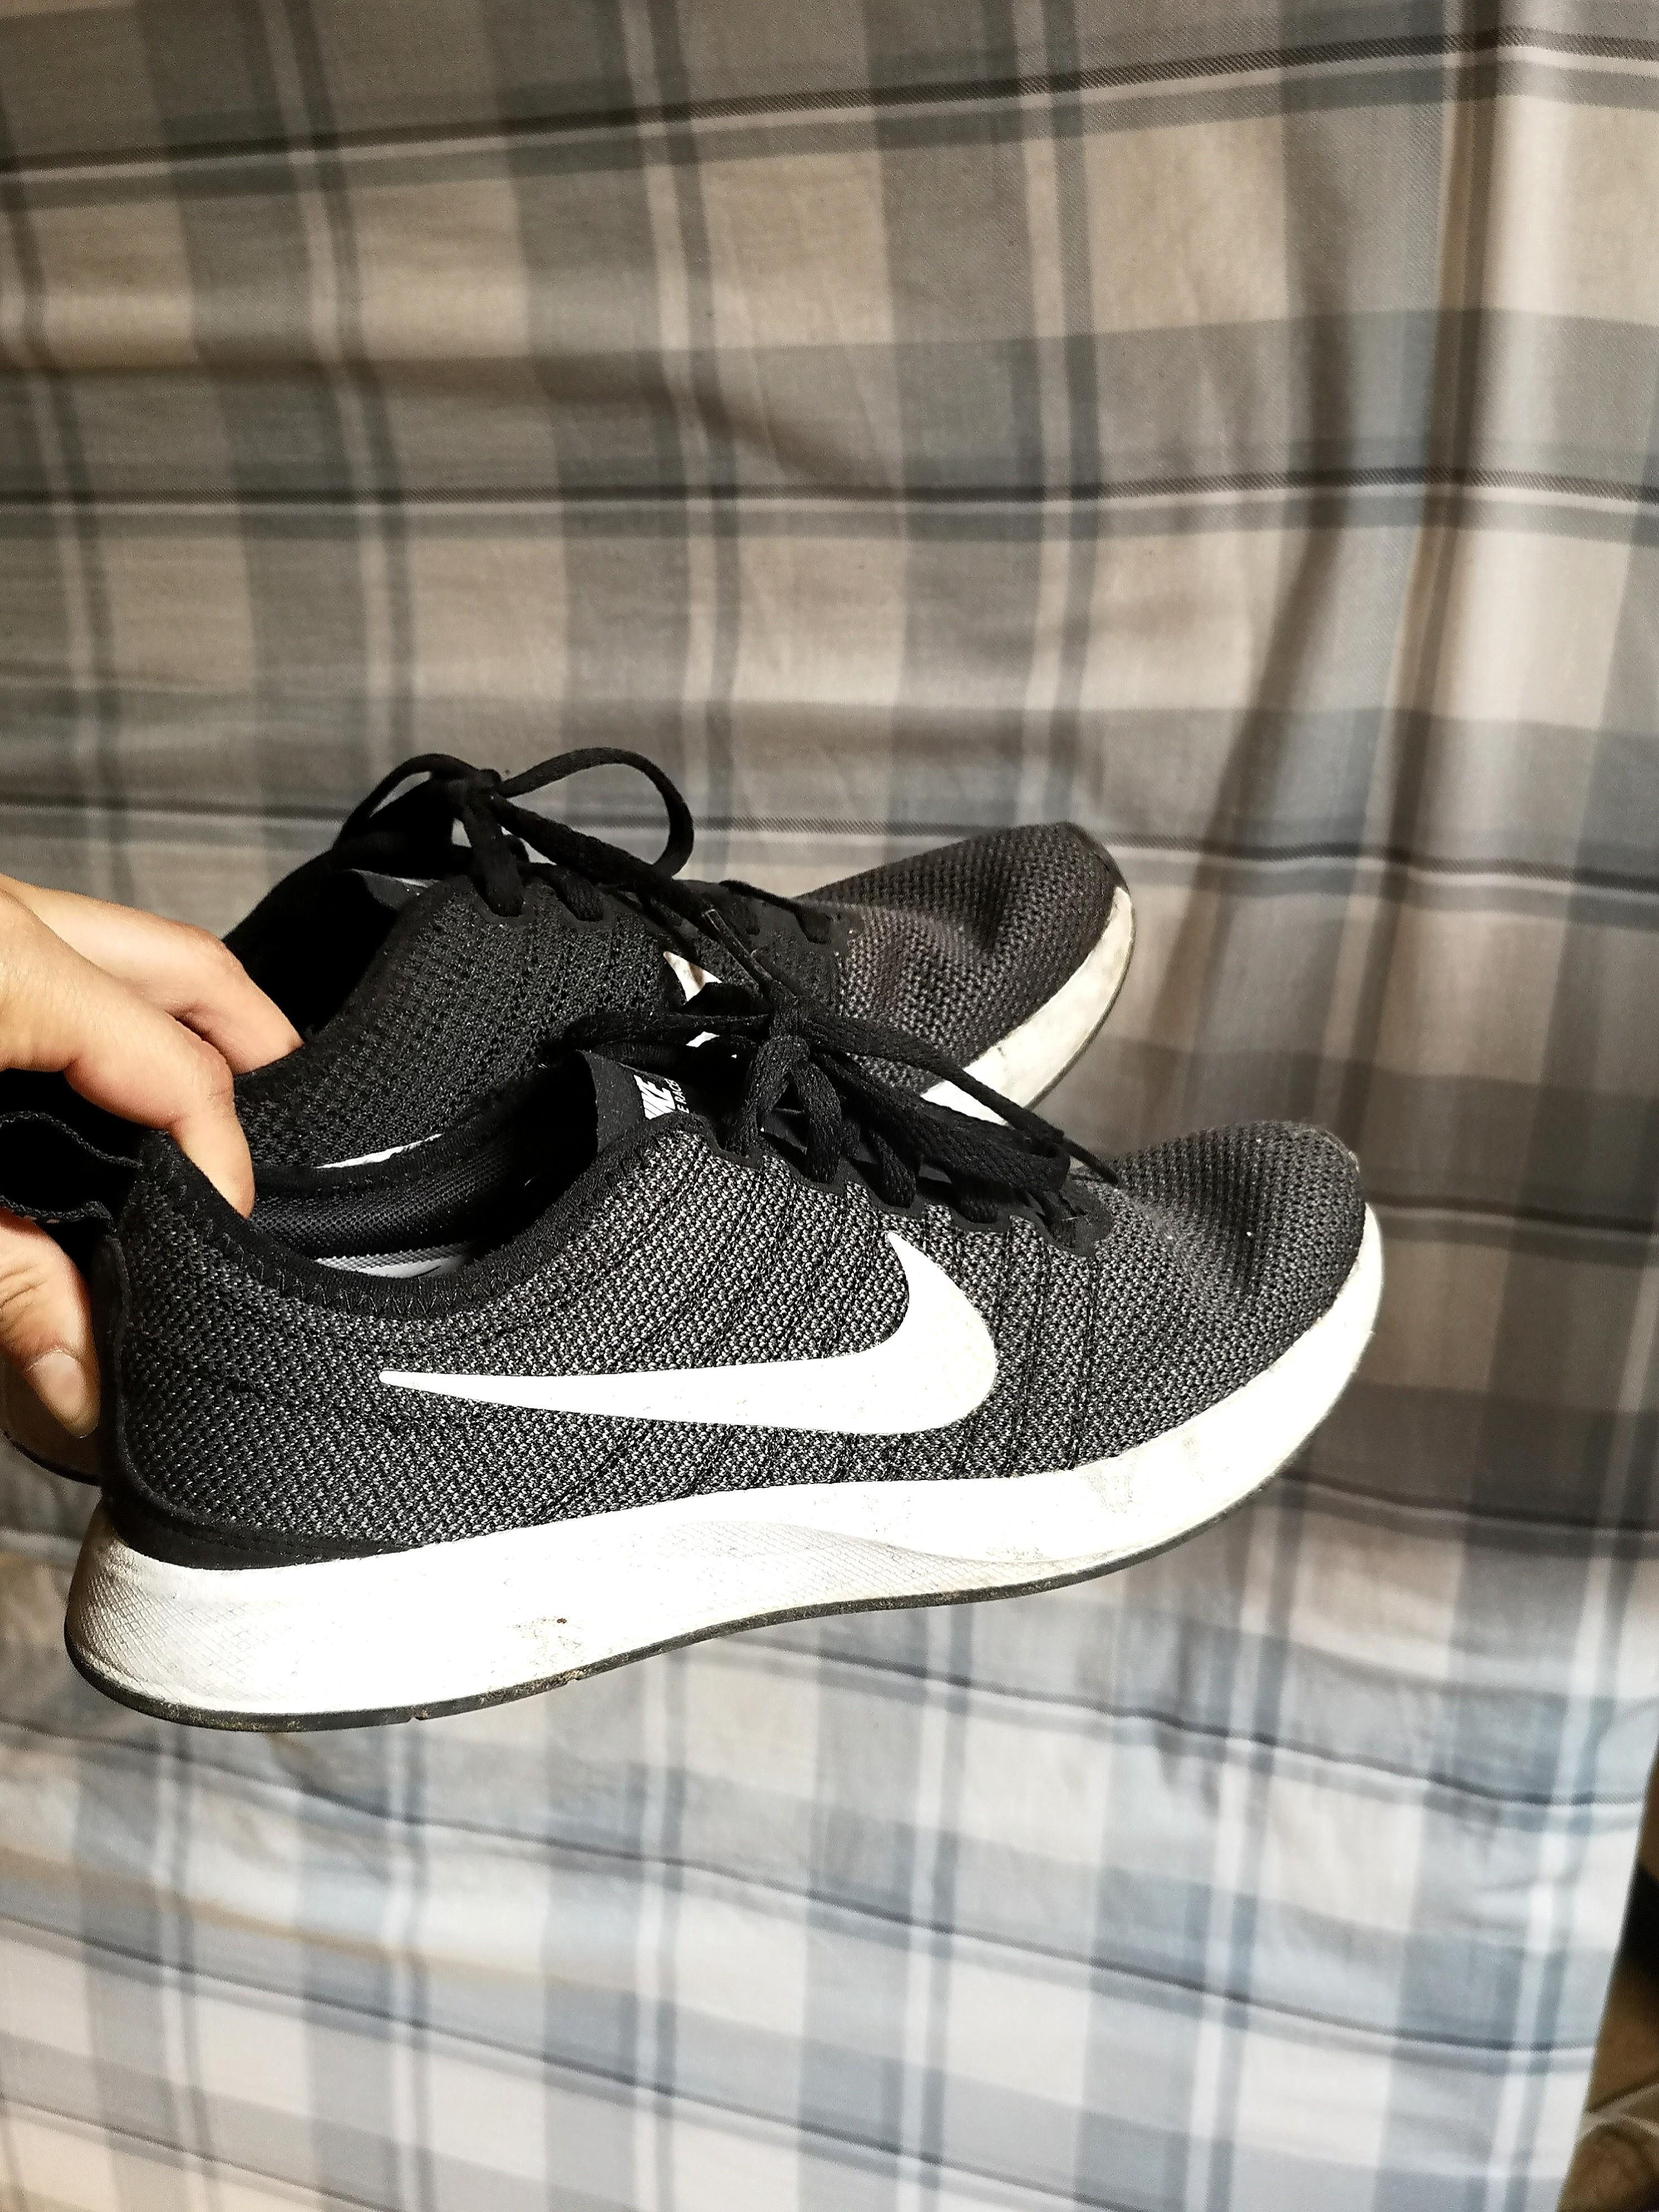 Nike women's size 7.5